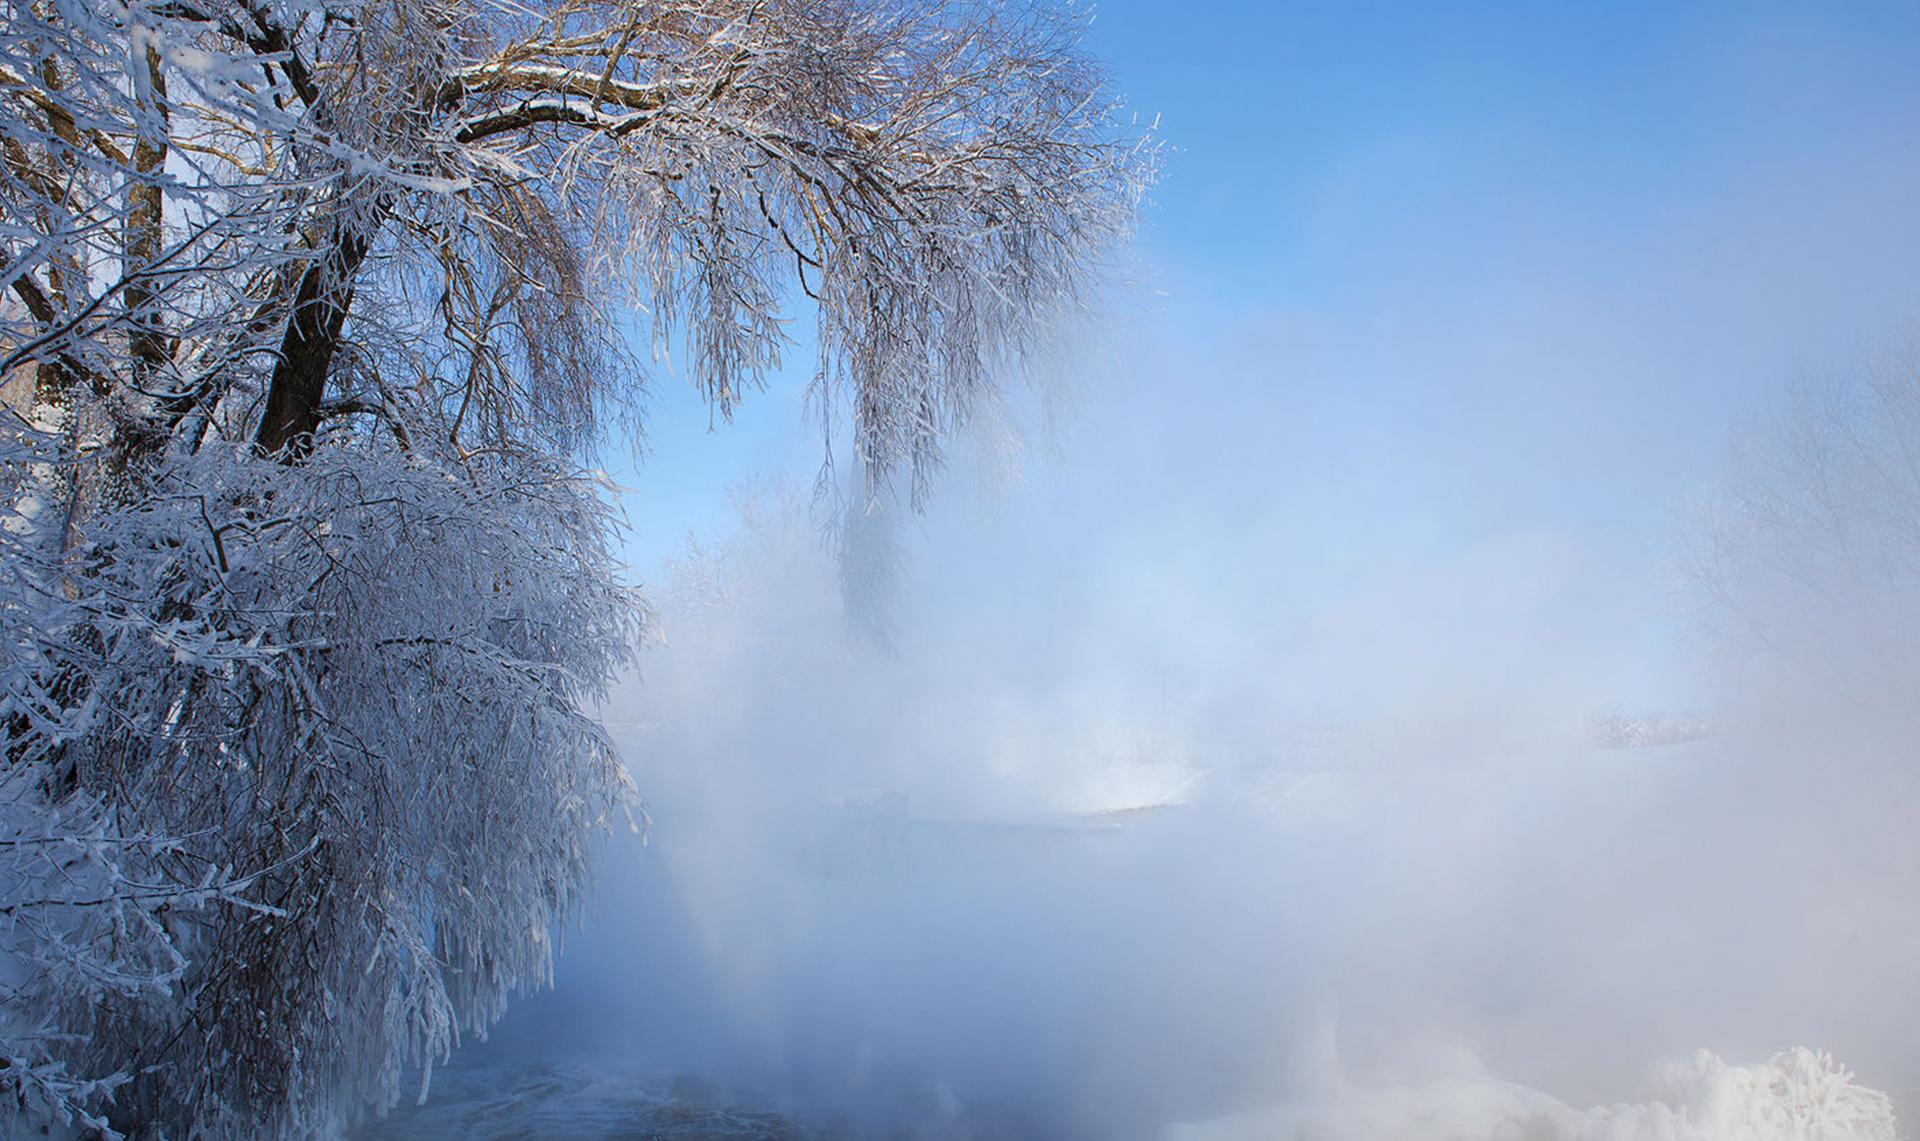 Похолодание до -30 градусов прогнозируют в северных районах Якутии